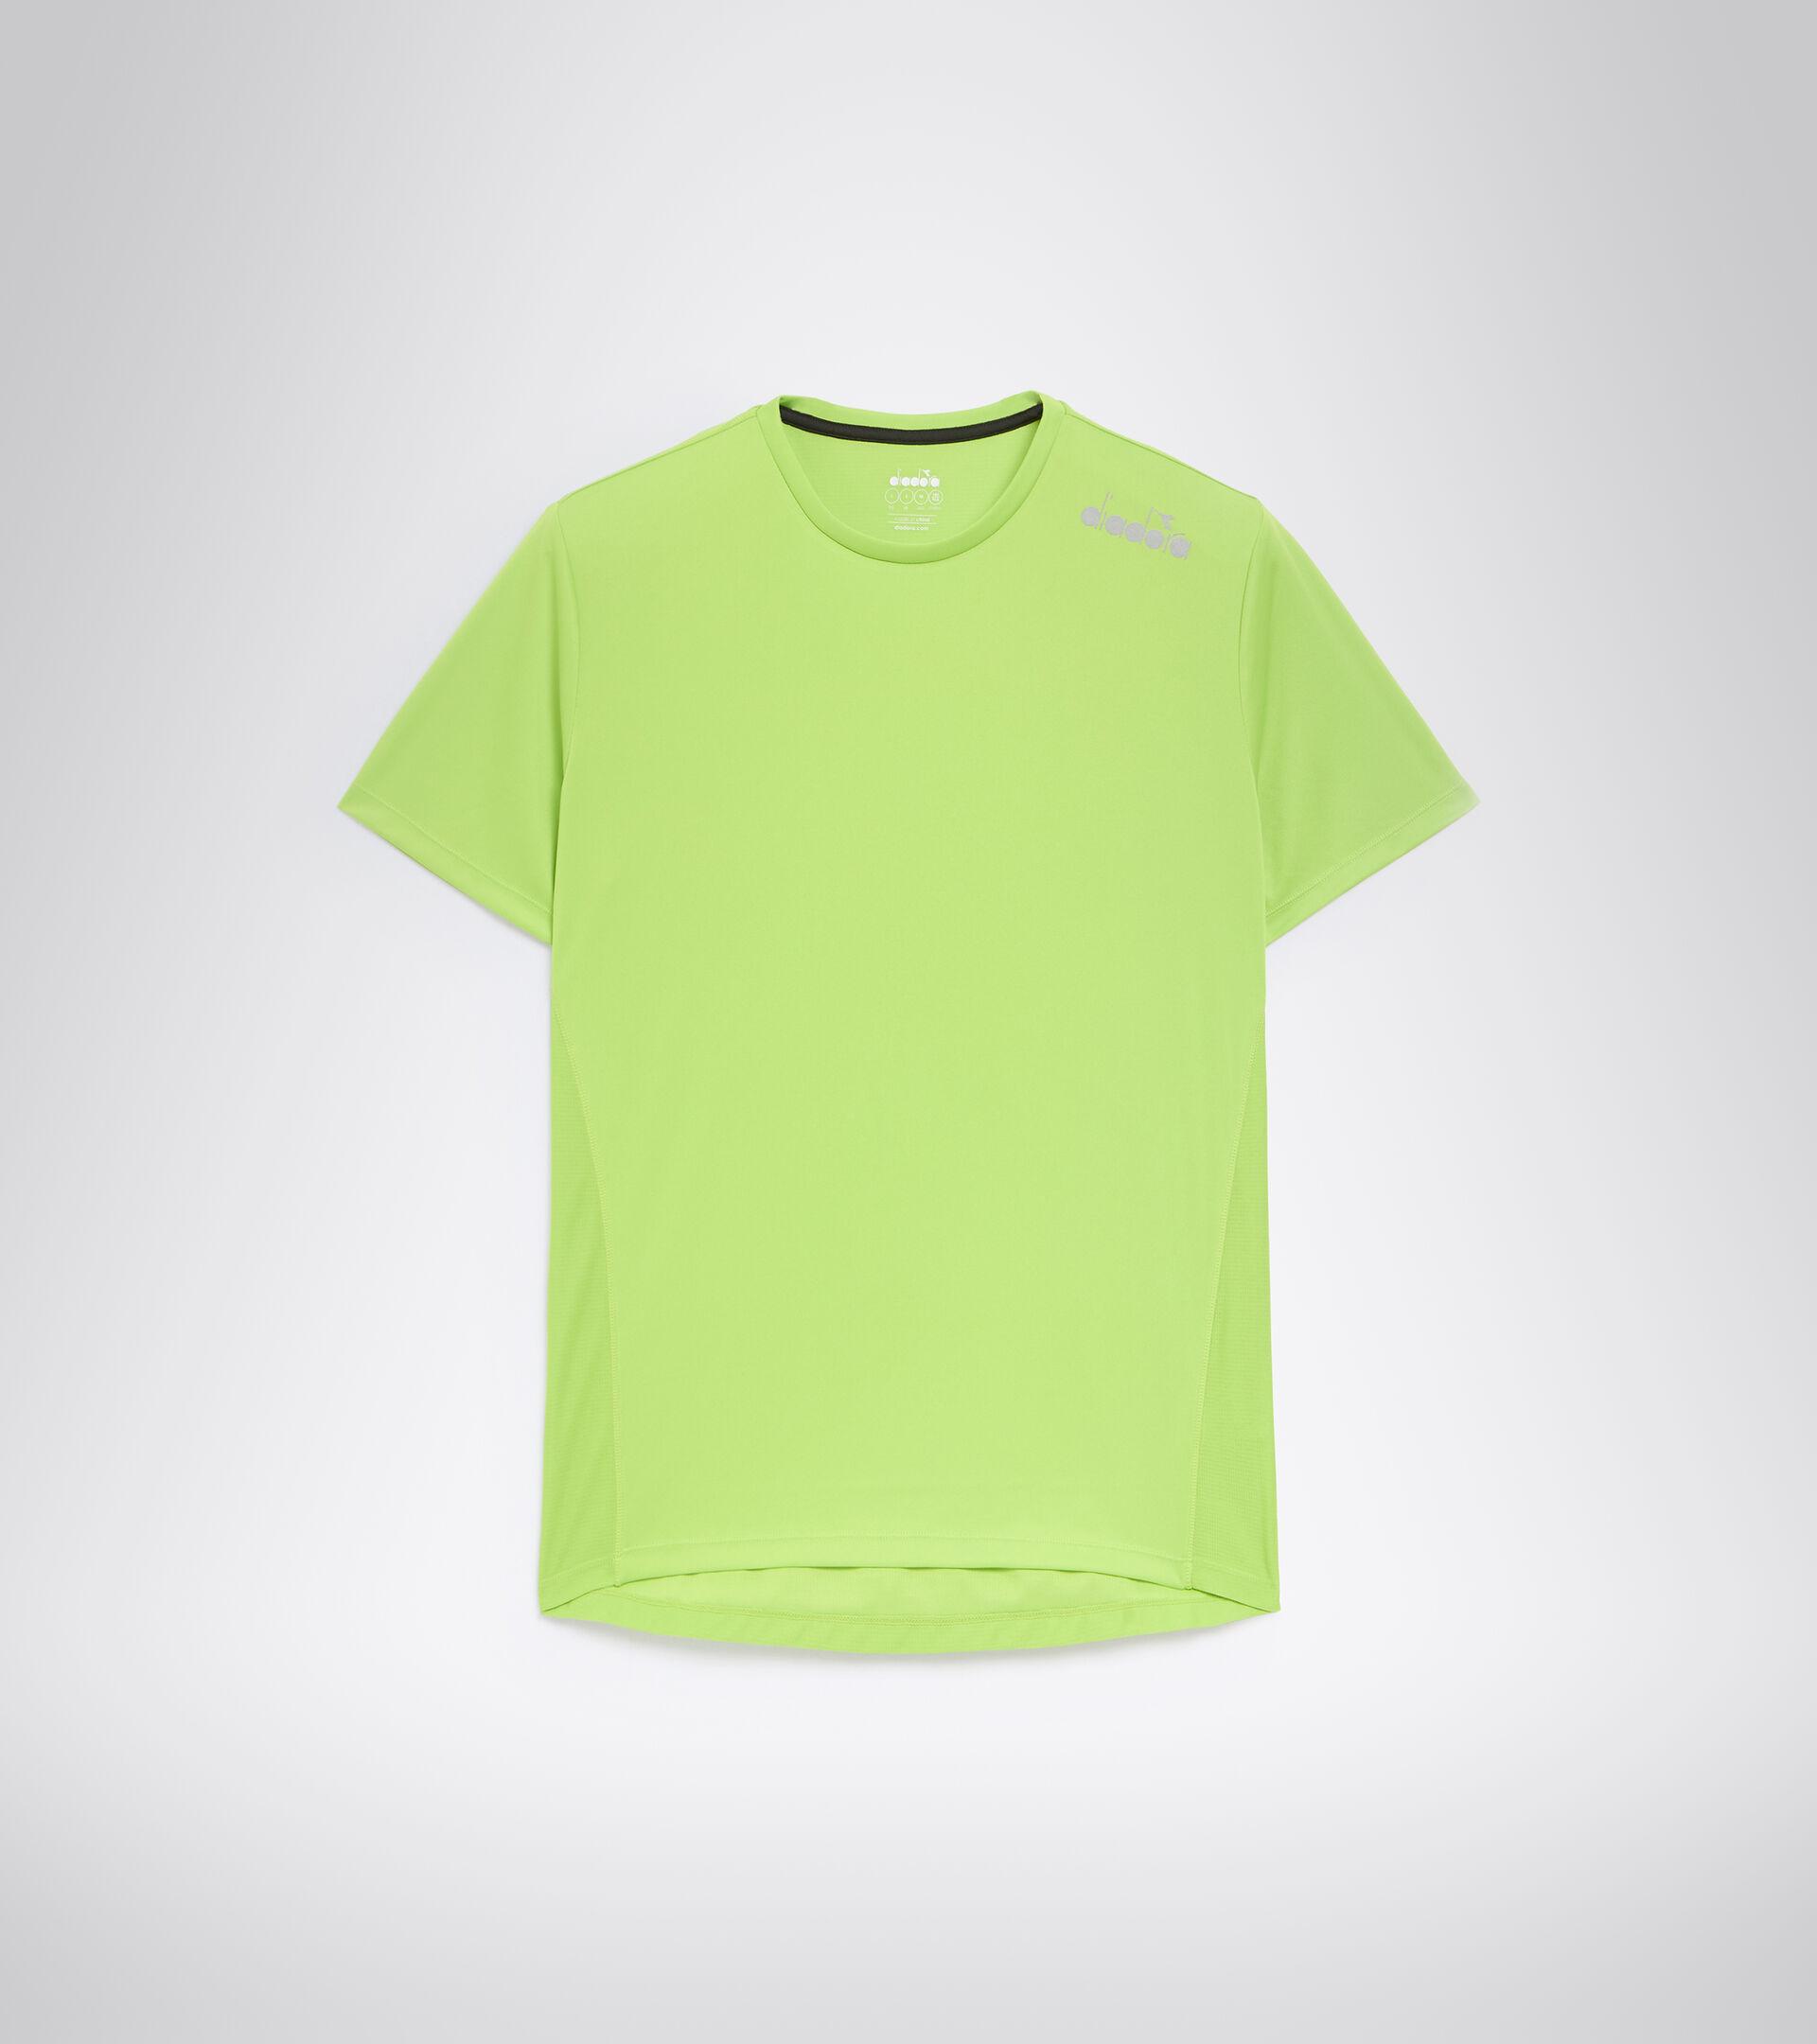 Apparel Sport UOMO SS CORE TEE LIME GREEN Diadora